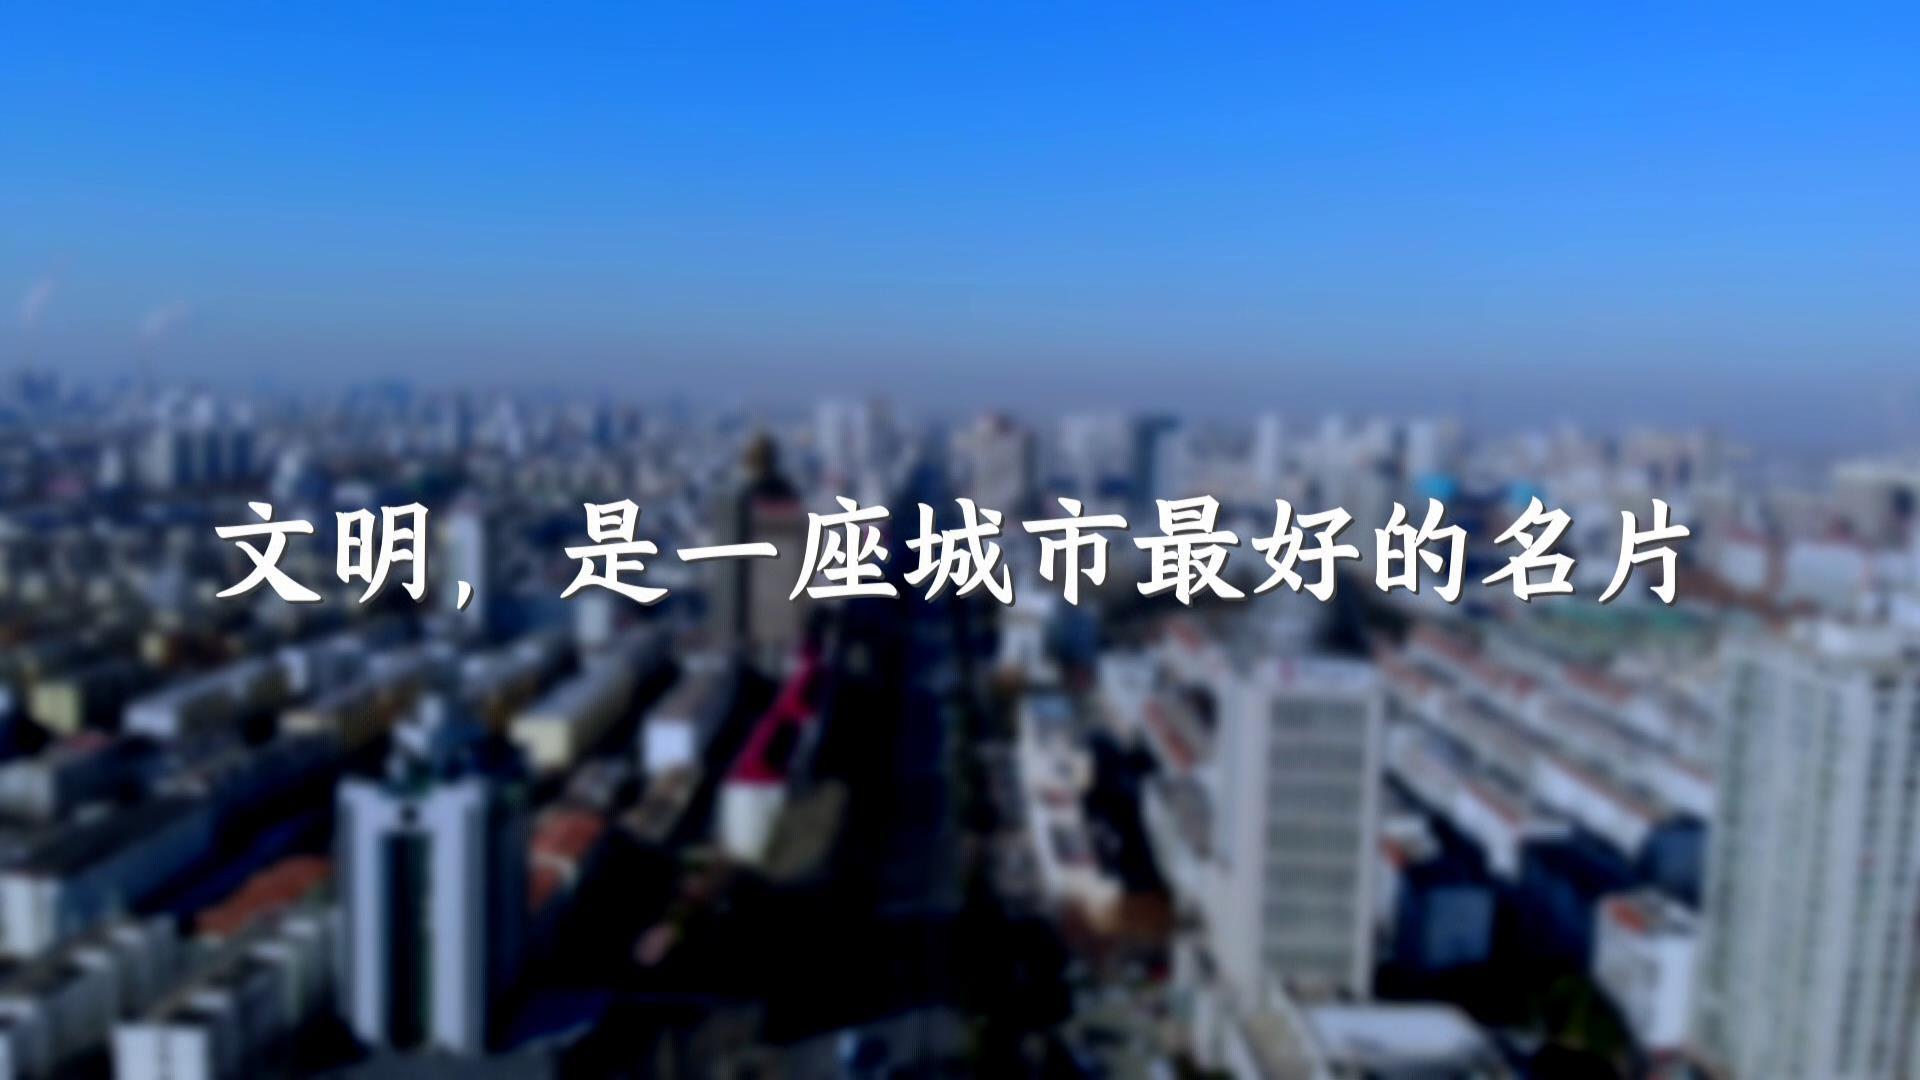 公益 | 文明,是一座城市最好的名片